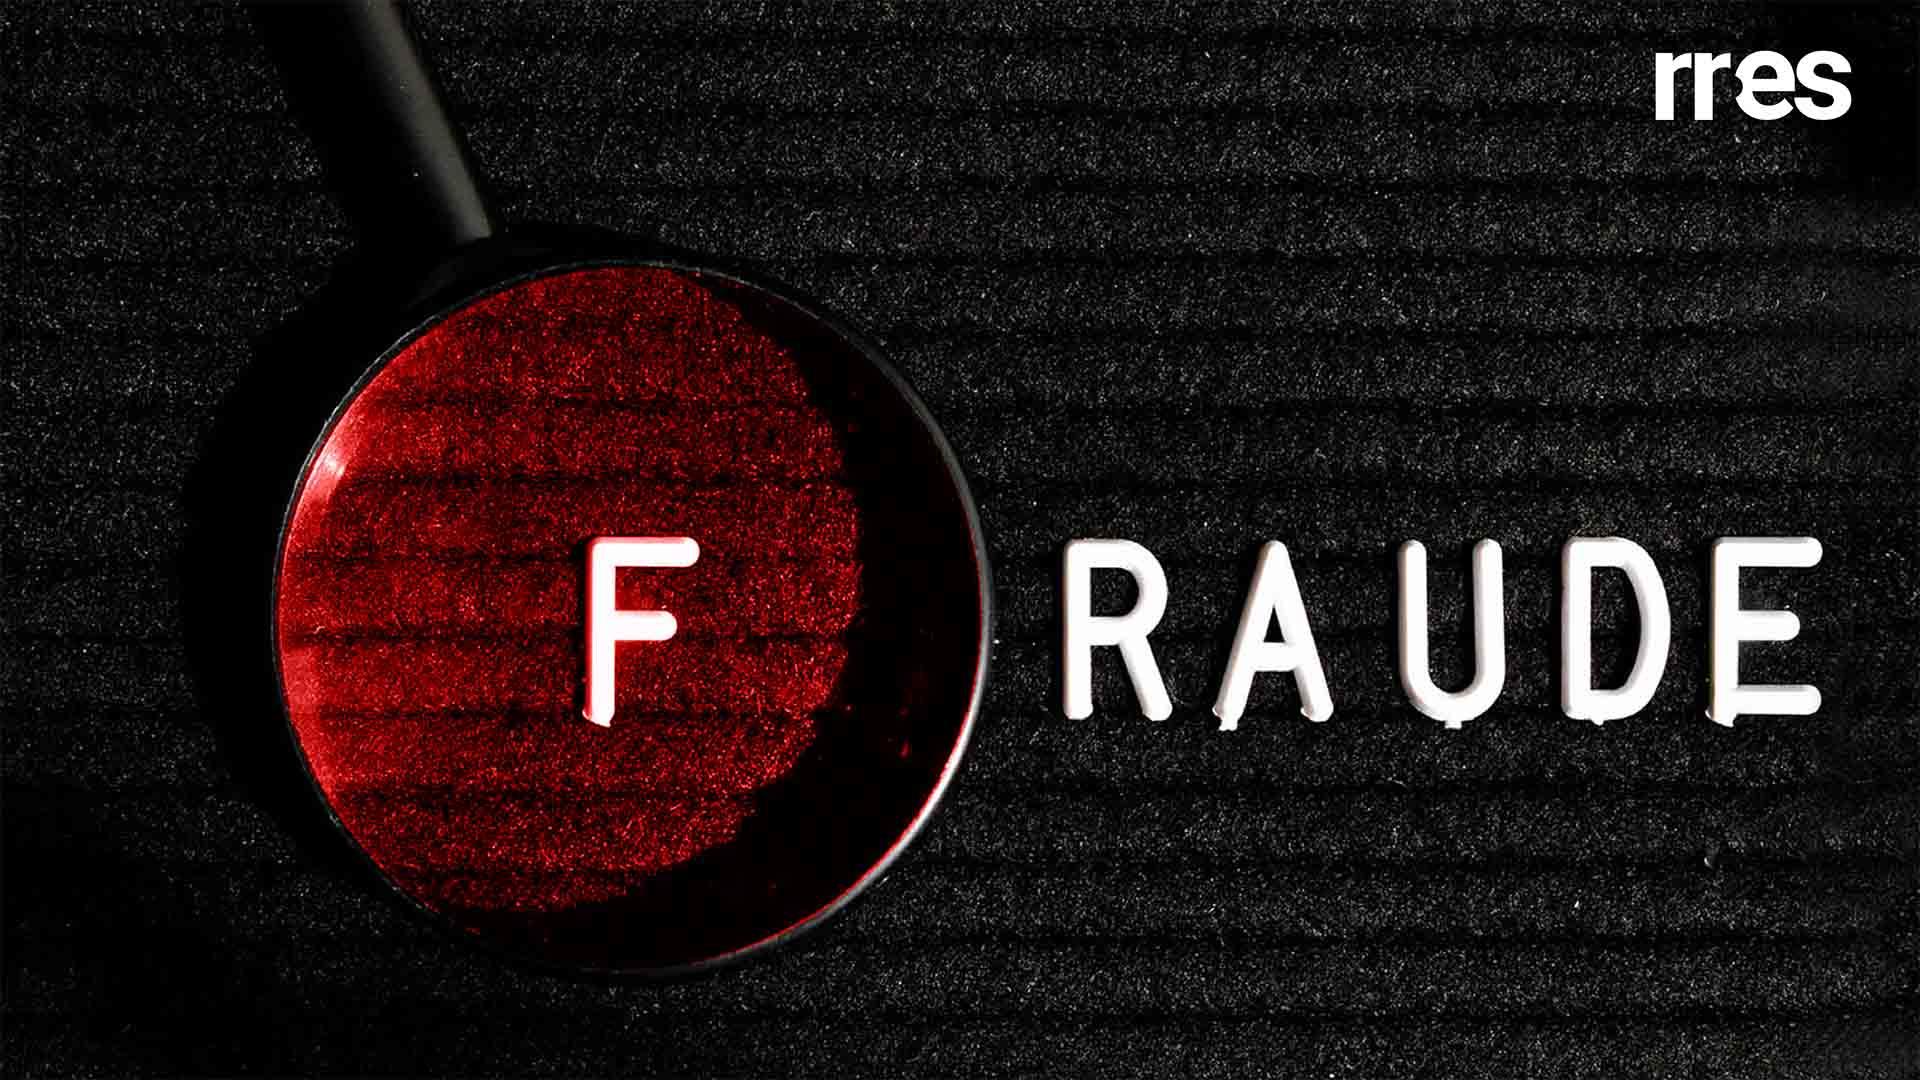 Fraude y mandamientos, por Armando Martini Pietri